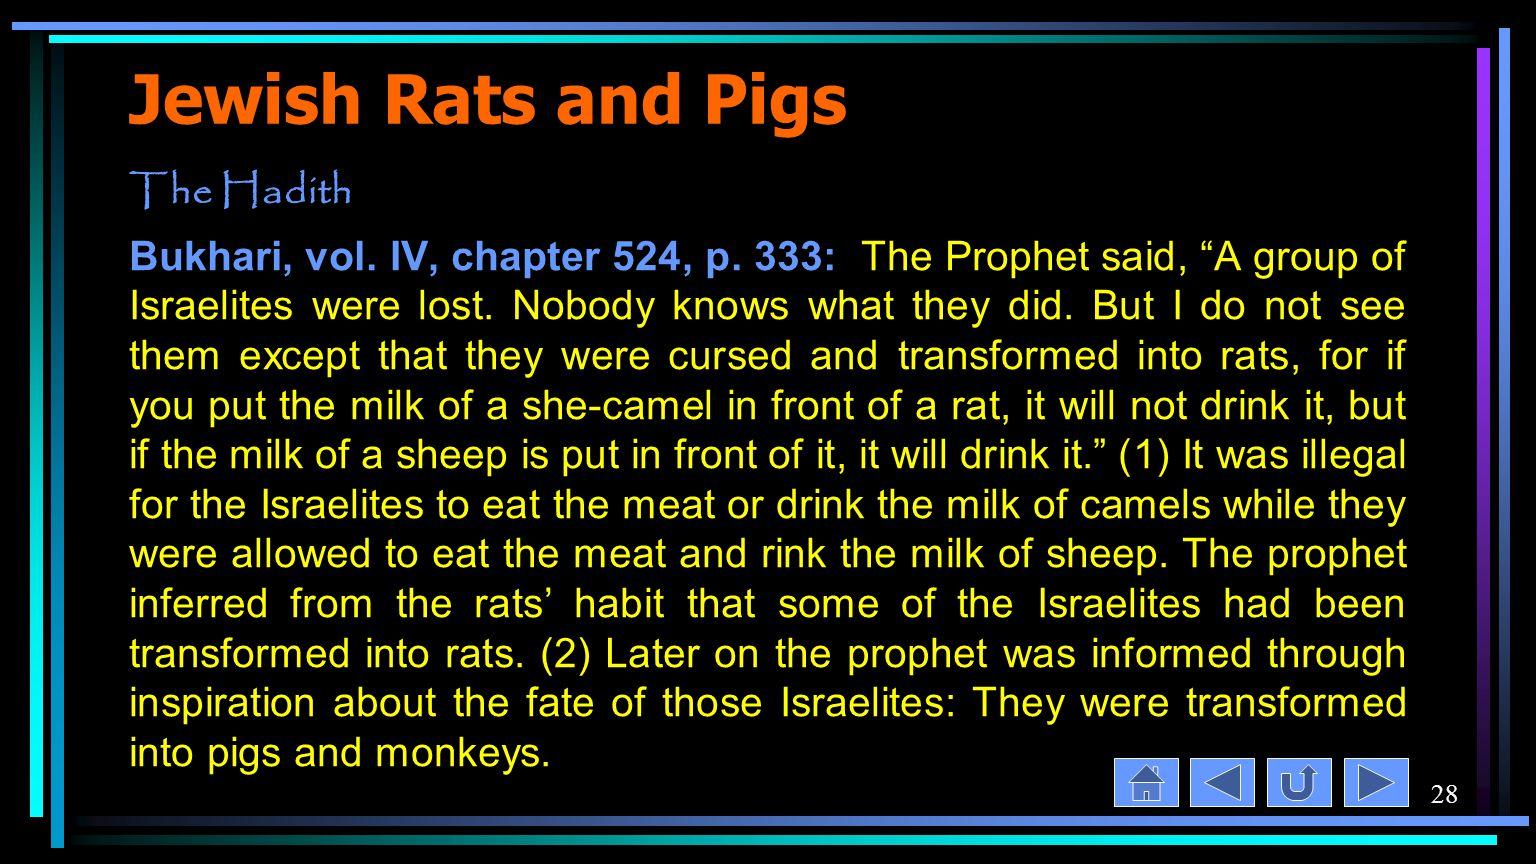 28 Jewish Rats and Pigs The Hadith Bukhari, vol. IV, chapter 524, p.